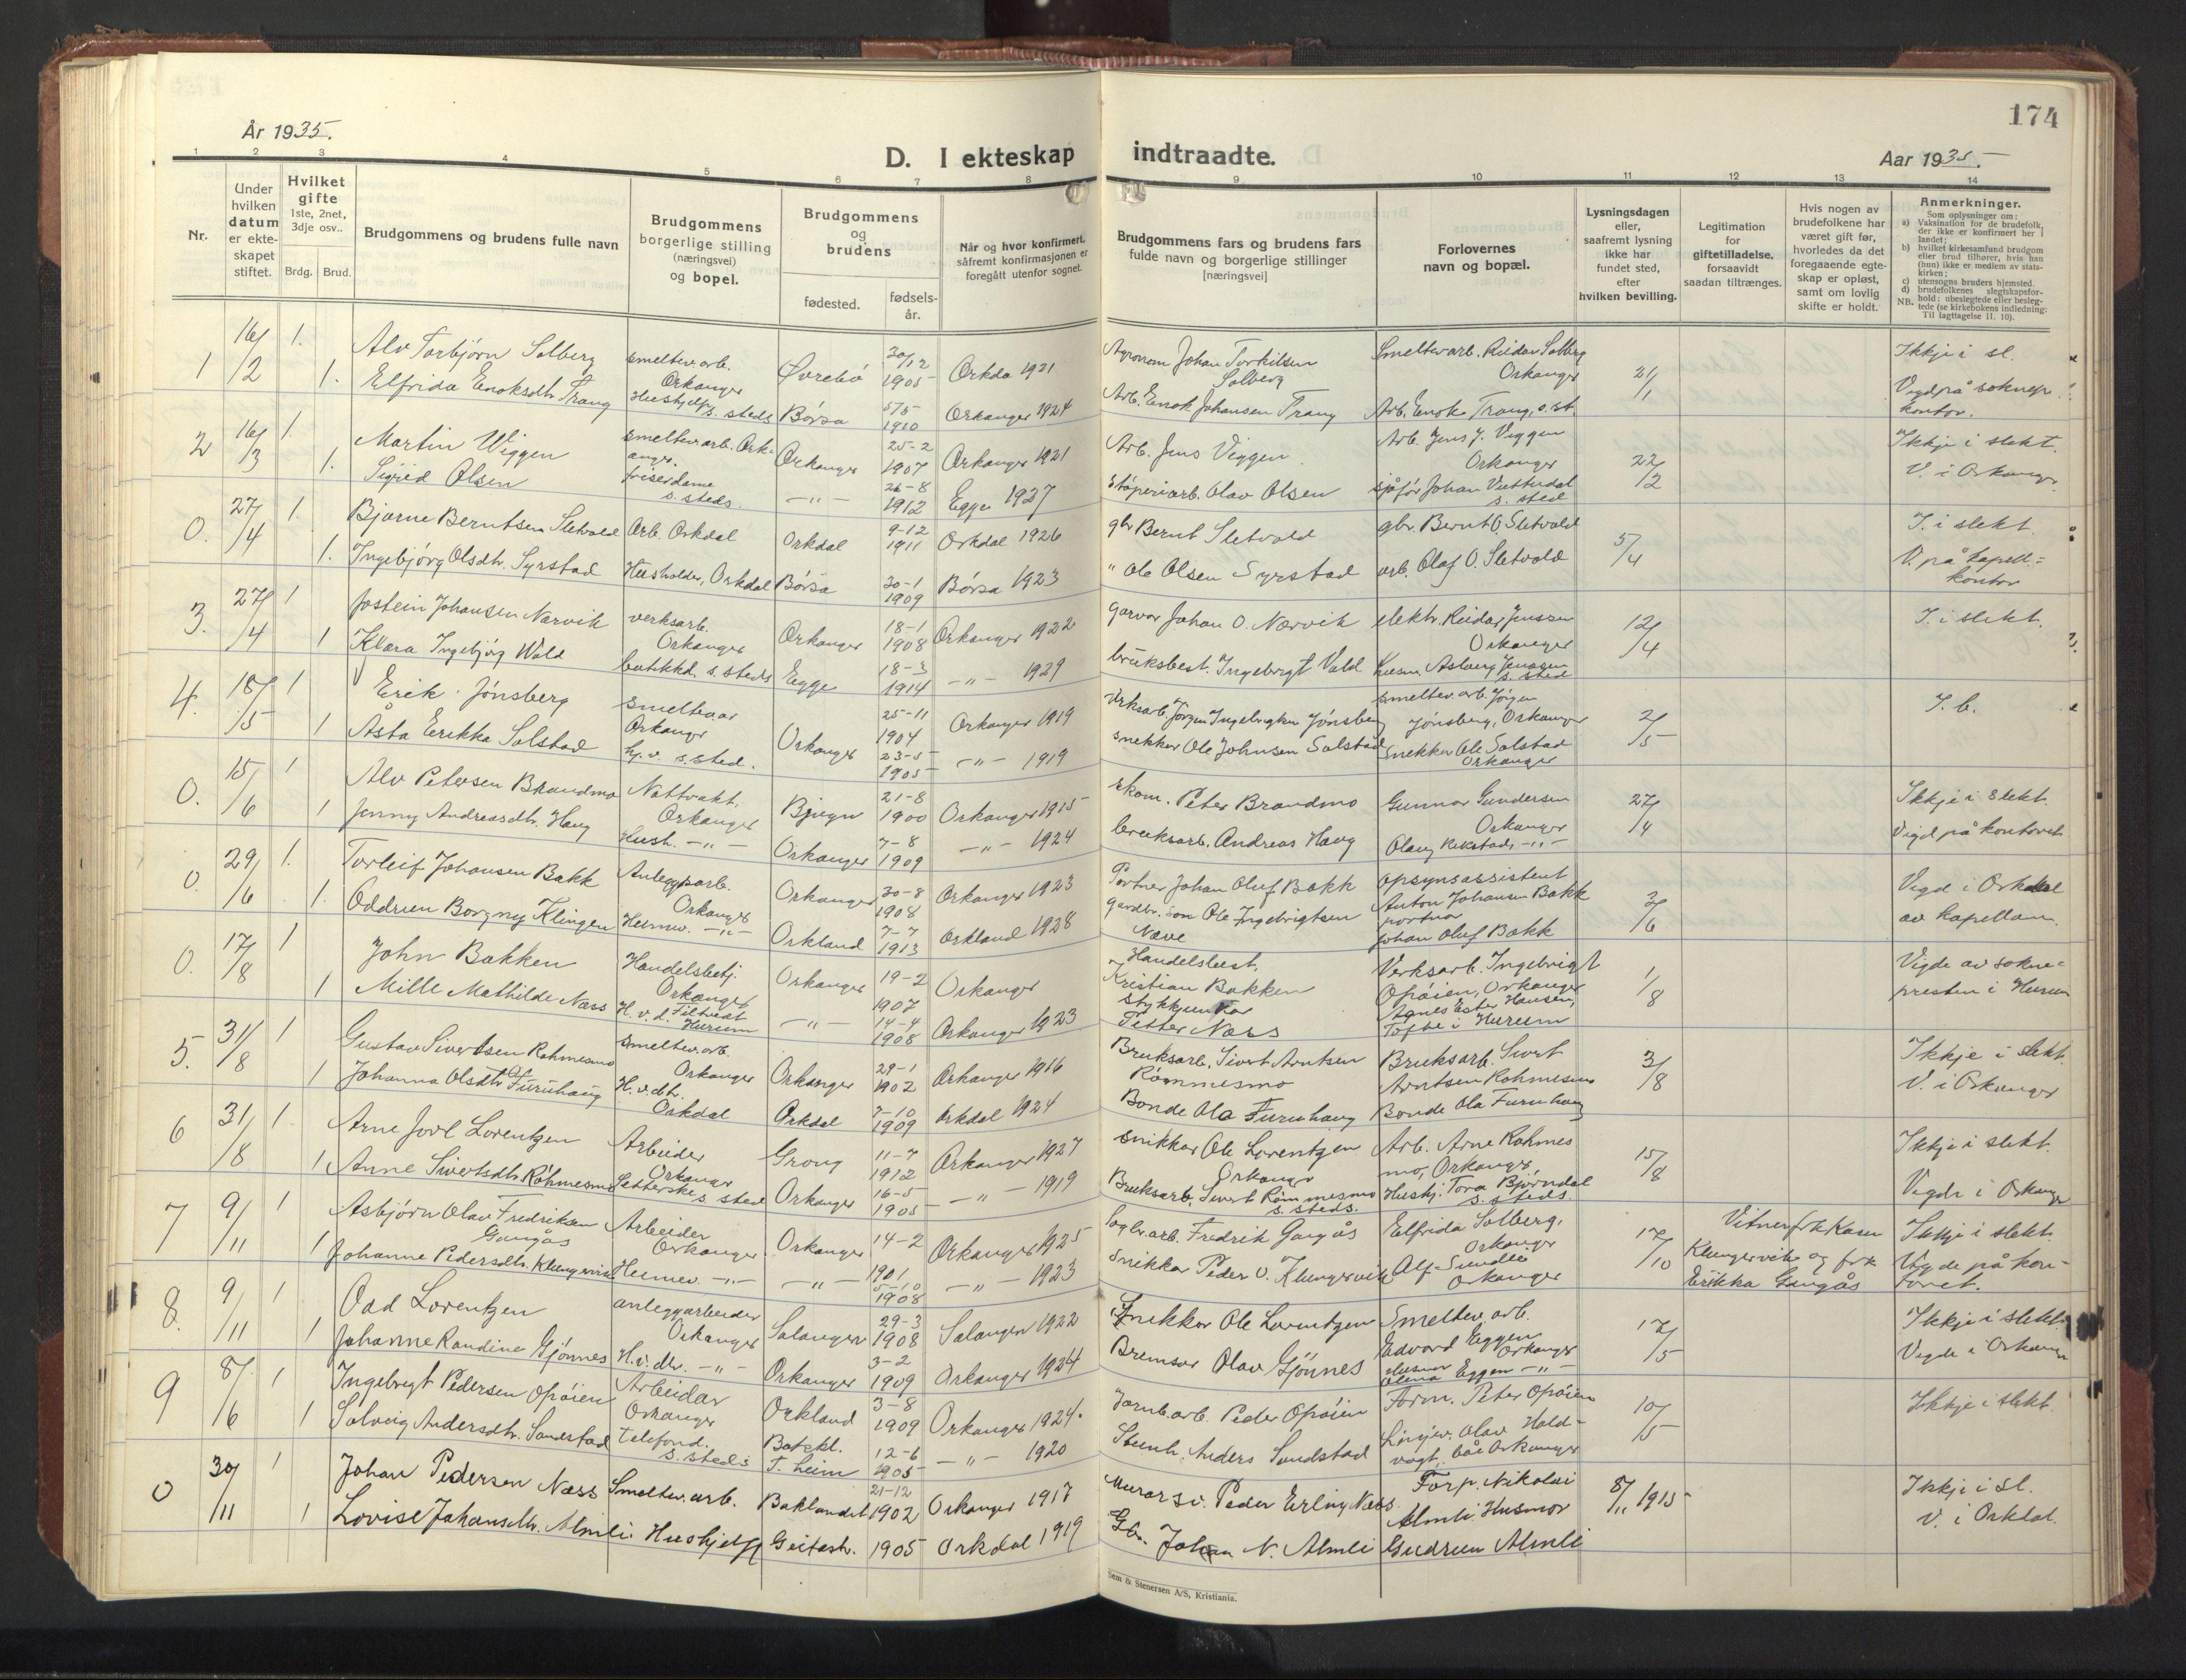 SAT, Ministerialprotokoller, klokkerbøker og fødselsregistre - Sør-Trøndelag, 669/L0832: Klokkerbok nr. 669C02, 1925-1953, s. 174